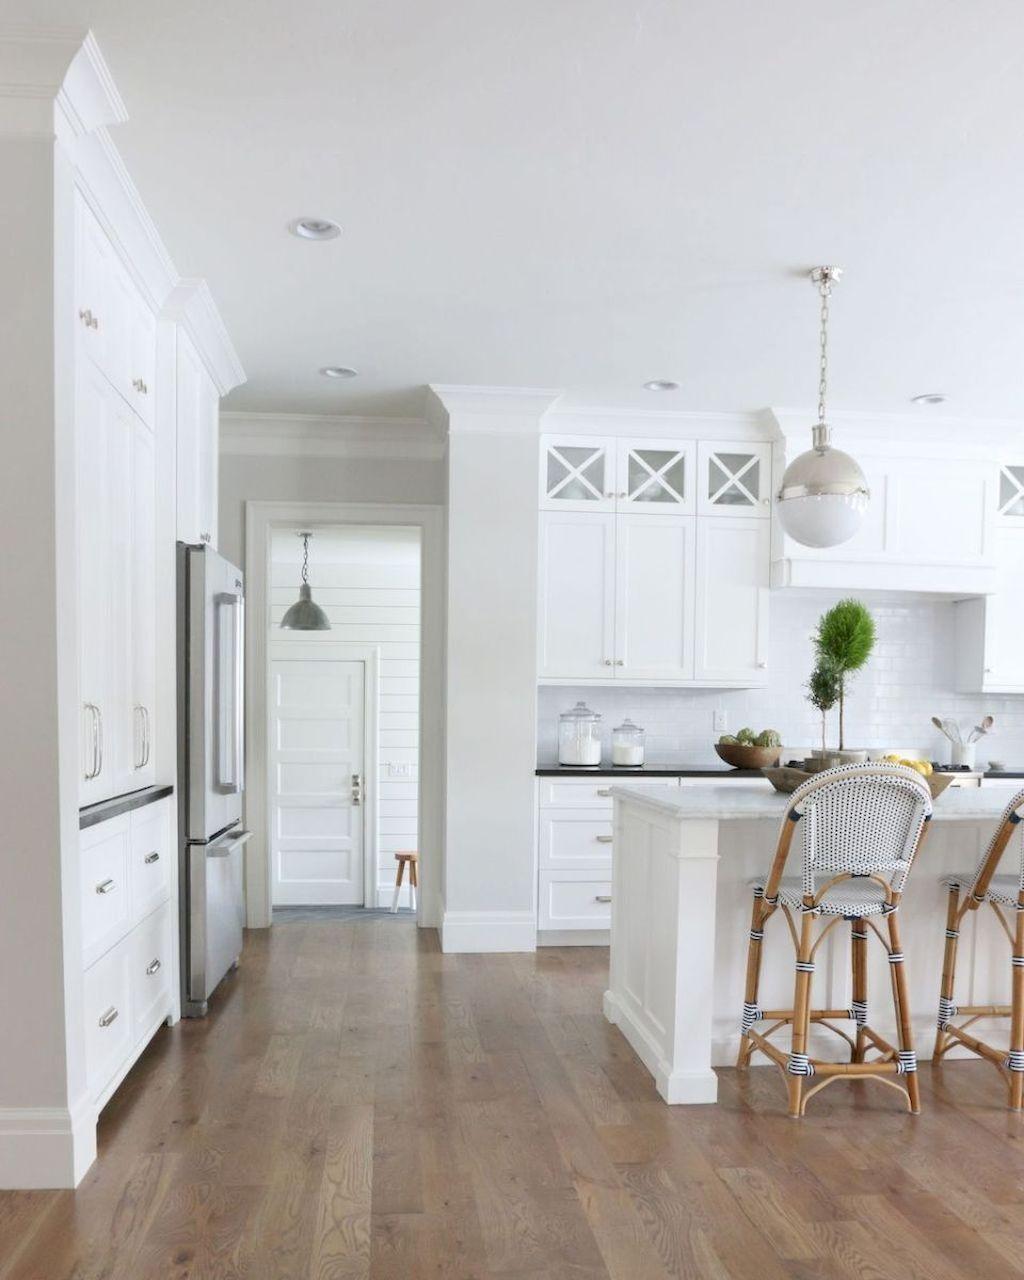 71 White Kitchen Cabinet Makeover Design Ideas